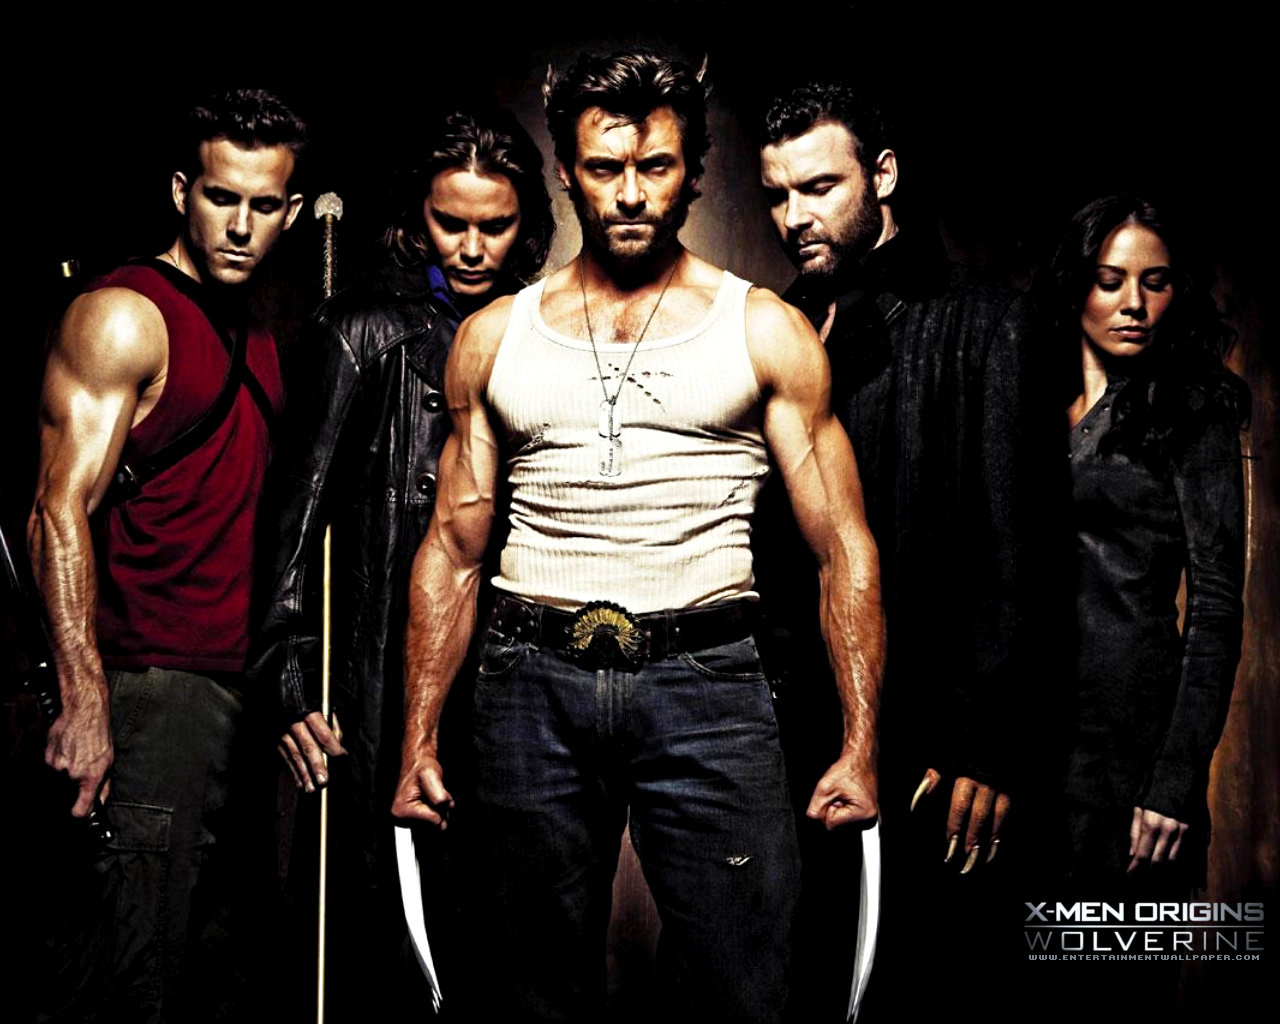 Best Movie 2011 X Men Origins Wolverine 2009 Hugh Jackman Movie